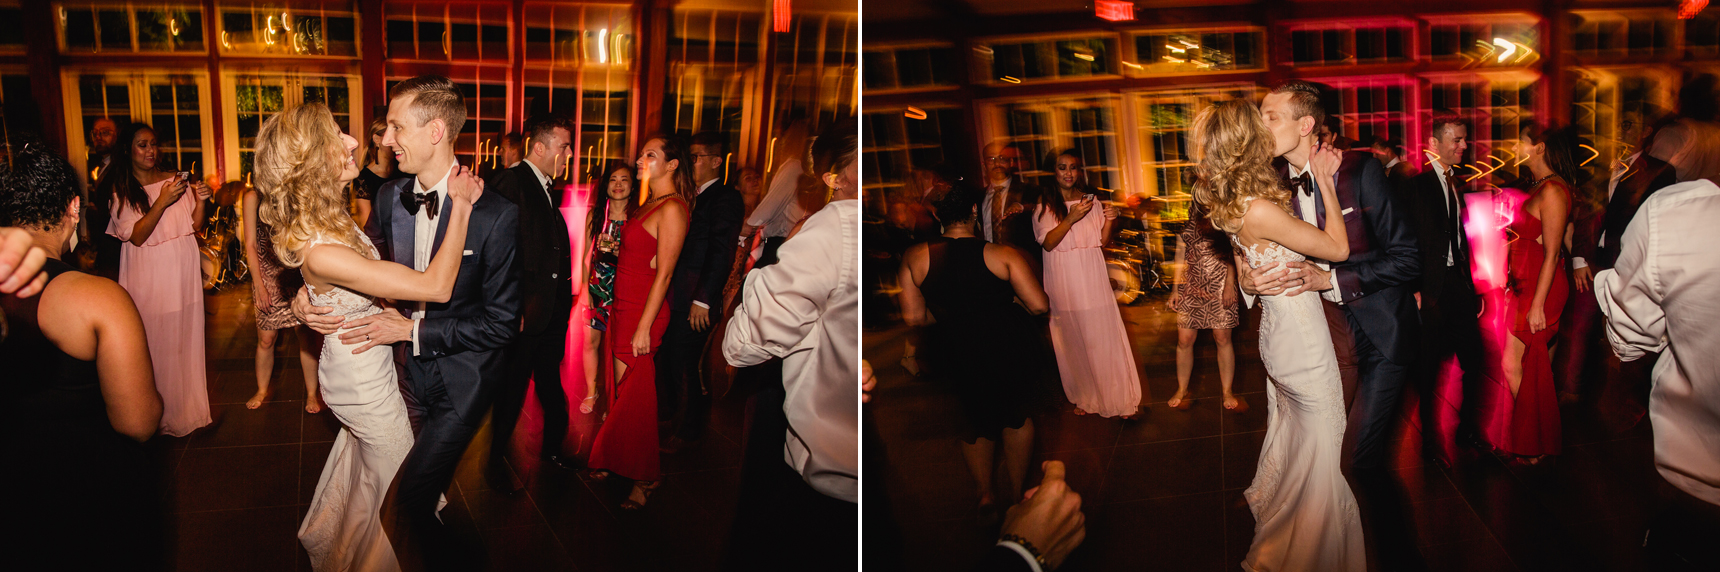 Jory_LoebBoathouse_CentralPark_NewYork_WeddingPhotographer153.jpg